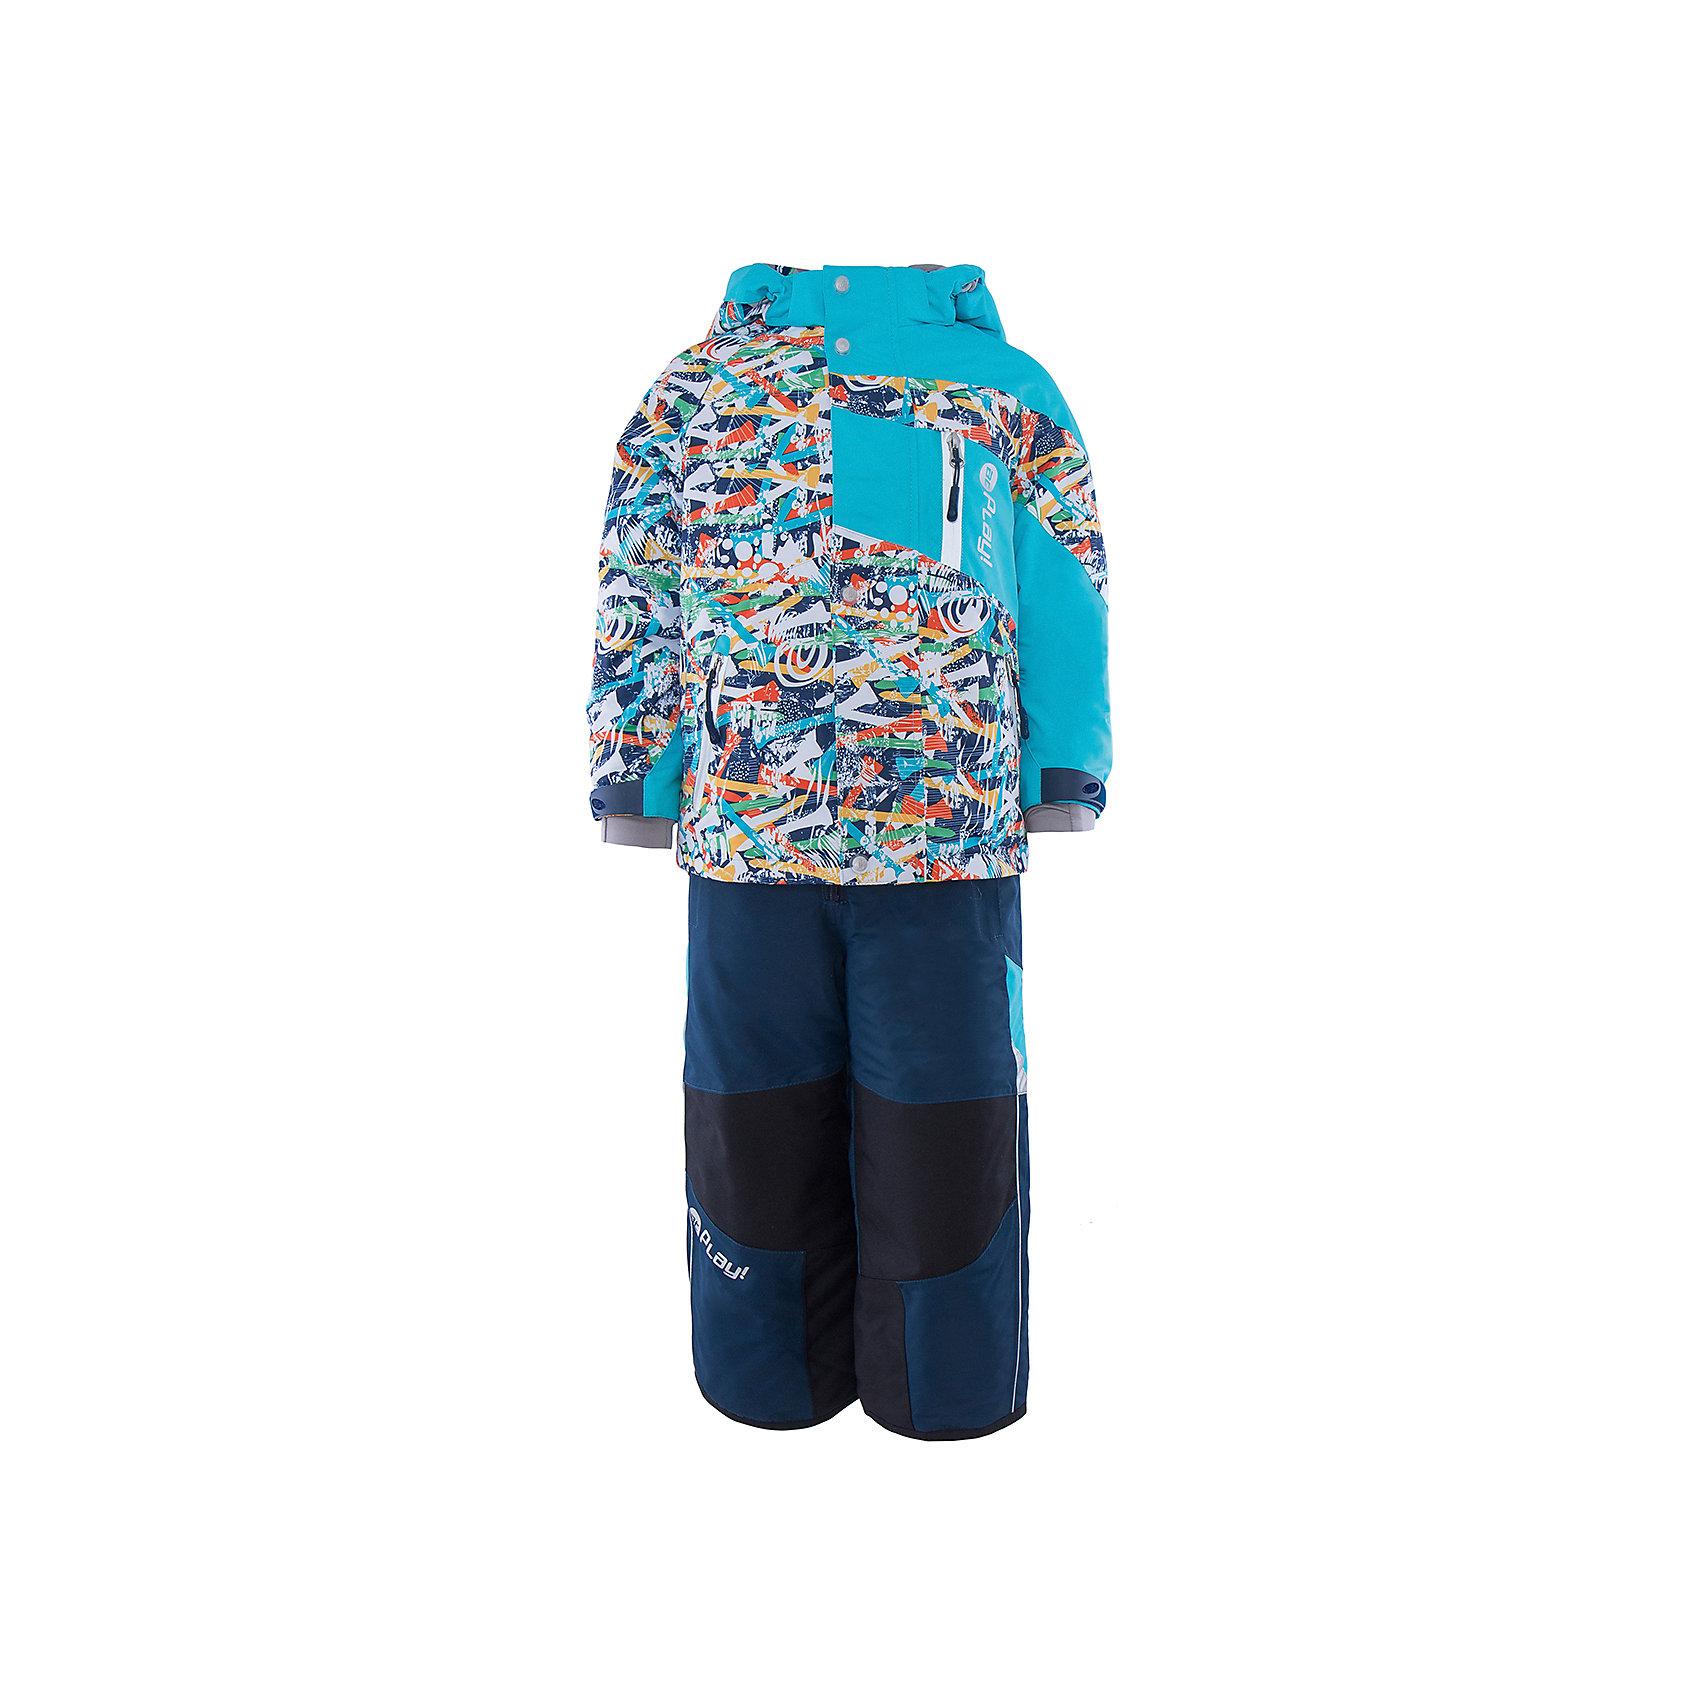 Комплект: куртка и полукомбинезон для мальчика atPlay!Верхняя одежда<br>В холода необходимо особенно тщательно подходить к подбору одежды для ребенка. Чтобы обеспечить ему тепло, сухость и комфорт, можно выбрать этот костюм, сшитый из мембранного материала.<br>Он позволяет коже дышать, помогает выводить лишнюю влагу, при этом не позволяет ребенку замерзнуть или промокнуть. Выглядит при этом модель очень симпатично! Изделие выполнено очень качественно. Фурнитура для него подбиралась с учетом особенностей детского организма. В комплекте идет курточка и полукомбинезон.<br><br><br>Дополнительная информация:<br><br>цвет: голубой;<br>материал: полиэстер, фурнитура YKK, водо- и грязеотталкивающее покрытие Teflon, нижний комбинезон - флис;<br>утеплитель: Thinsulate 150 г;<br>температурный режим: от -25° С до +5° С;<br>мягкие элементы на капюшоне и воротнике;<br>паропроницаемость: 10000 г / м.куб. / 24 ч;<br>водонепроницаемость: 10000 мм / 24 ч;<br>швы проклеены;<br>капюшон регулируется.<br><br>Костюм для мальчика от бренда atPlay! можно приобрести в нашем интернет-магазине.<br><br>Ширина мм: 356<br>Глубина мм: 10<br>Высота мм: 245<br>Вес г: 519<br>Цвет: голубой<br>Возраст от месяцев: 48<br>Возраст до месяцев: 60<br>Пол: Мужской<br>Возраст: Детский<br>Размер: 110,128,116,104,116,122<br>SKU: 4940505